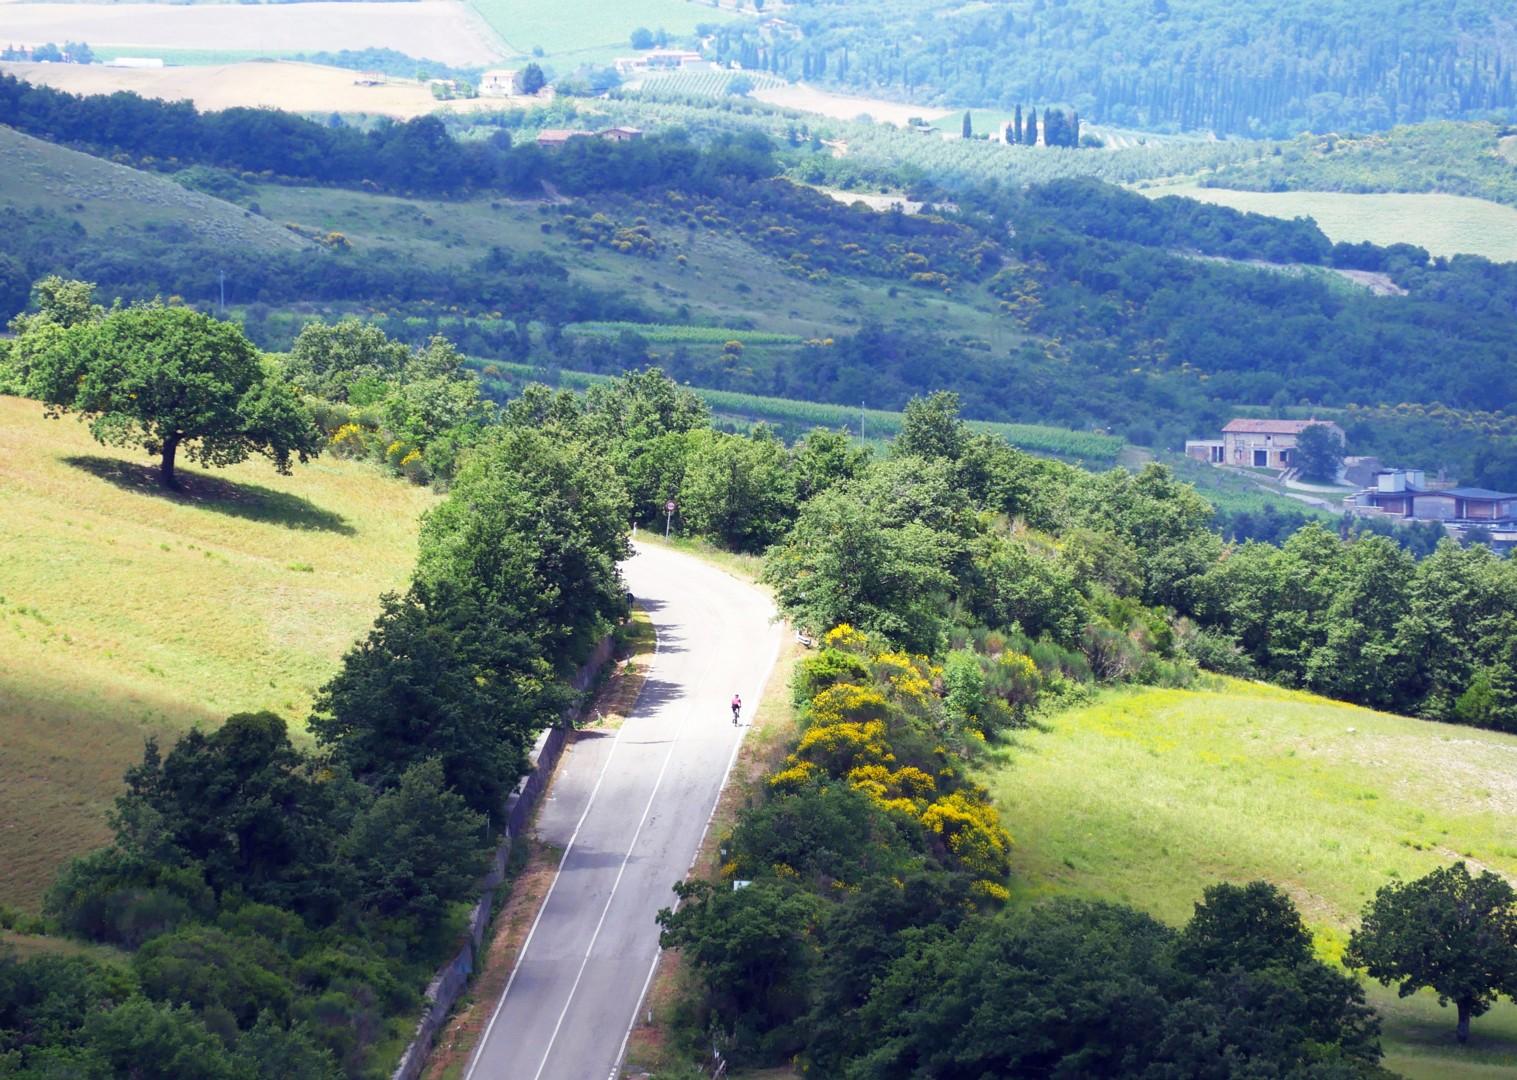 road-cycling-tuscany-italy.jpg - Italy - Tuscany Tourer - Guided Road Cycling Holiday - Road Cycling